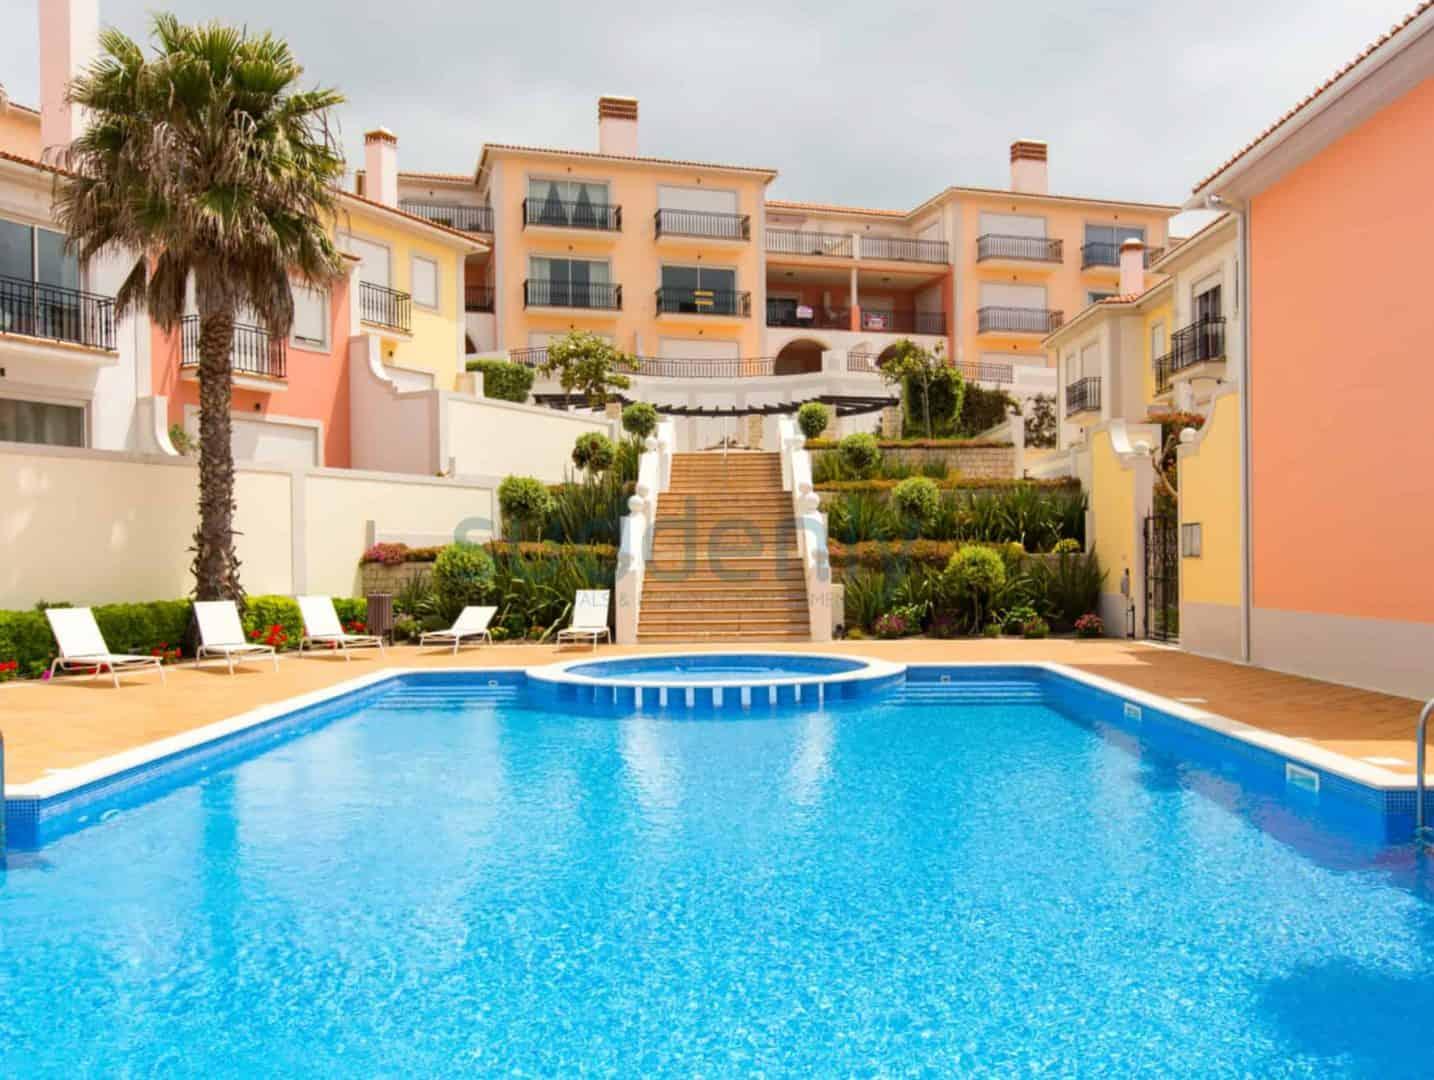 Locations de Vacances à Praia D'El Rey 318